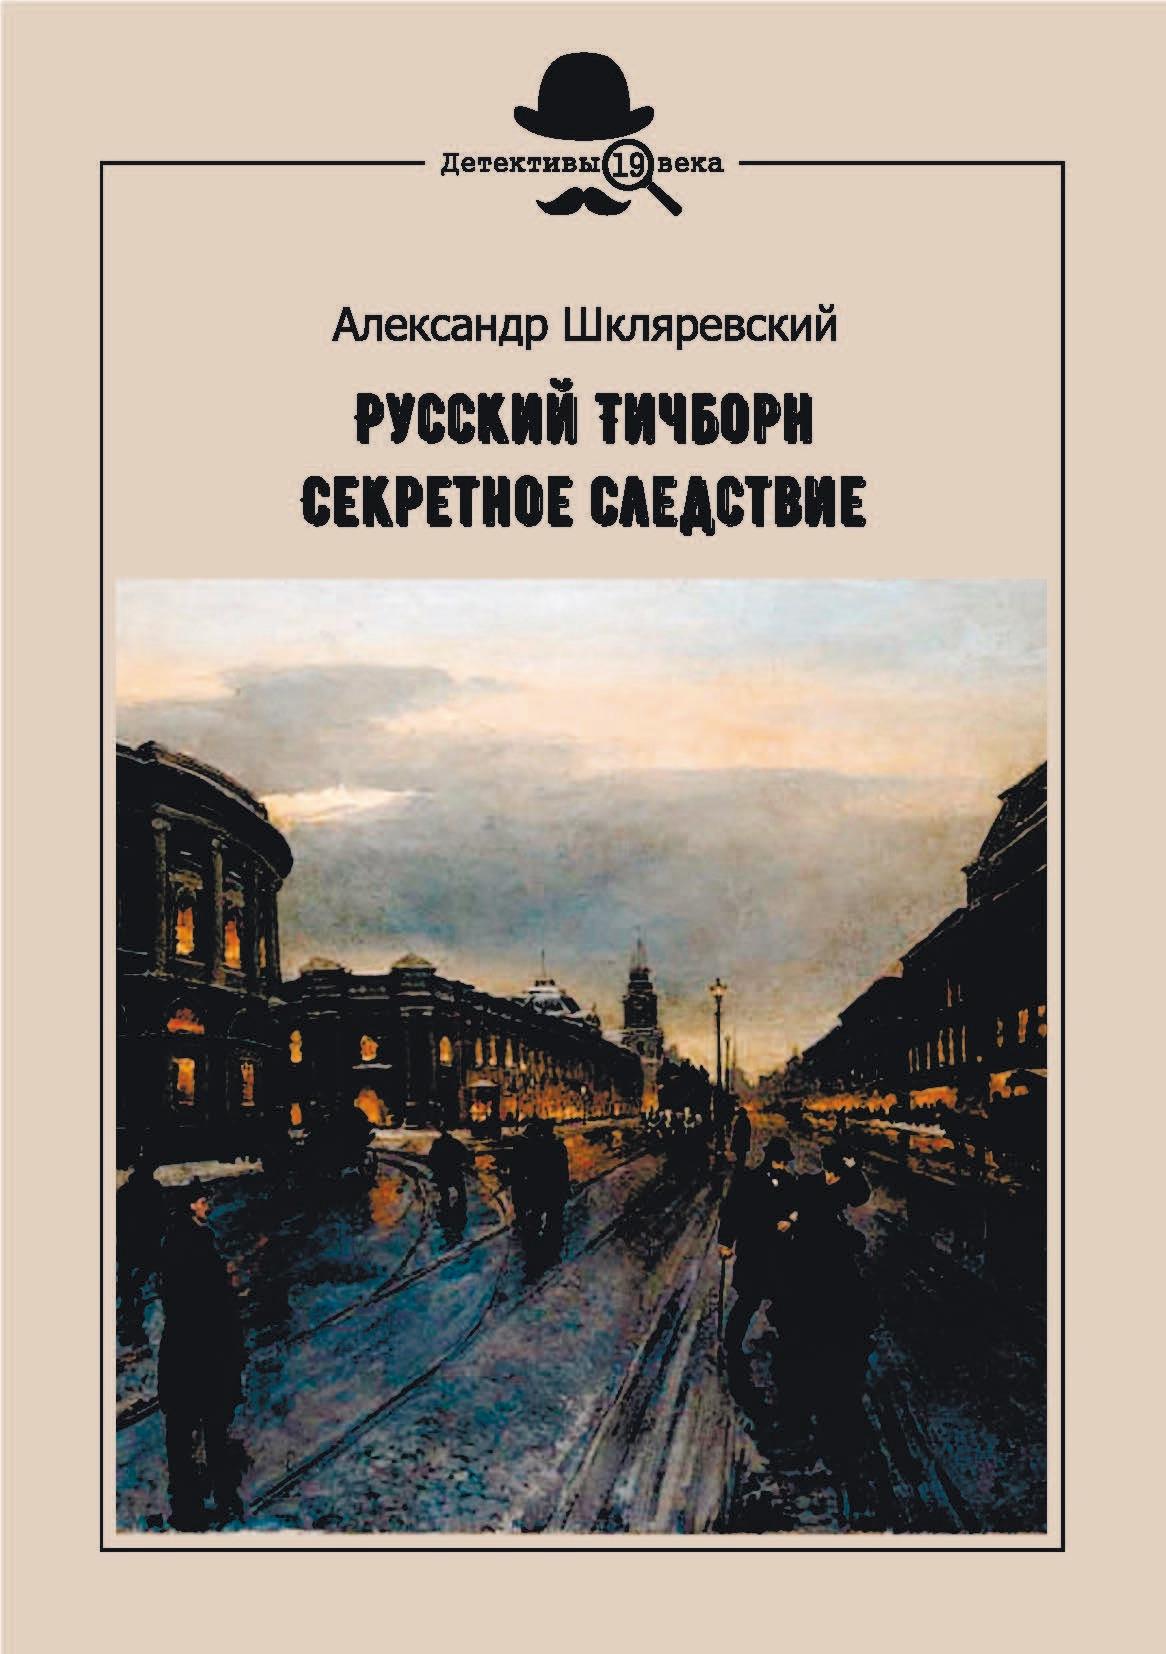 Купить книгу Русский Тичборн. Секретное следствие, автора Александра Шкляревского